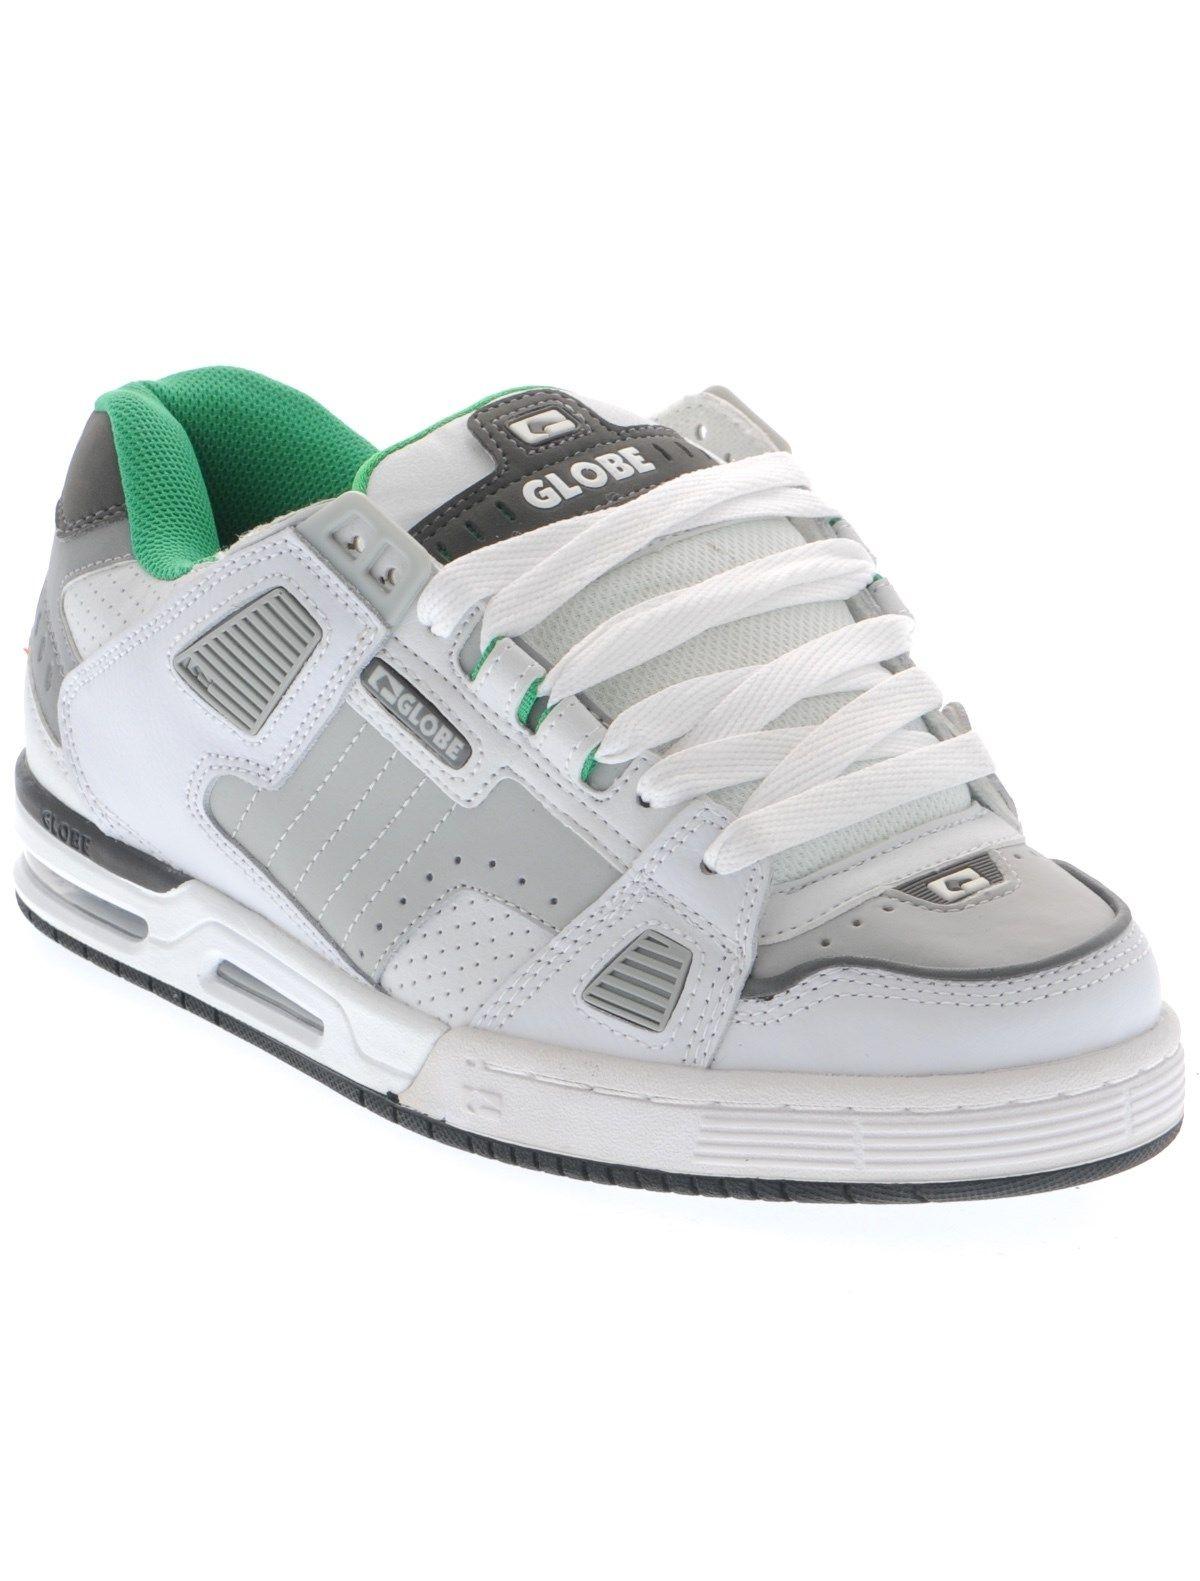 Globe White-Grey-Green Sabre Shoe